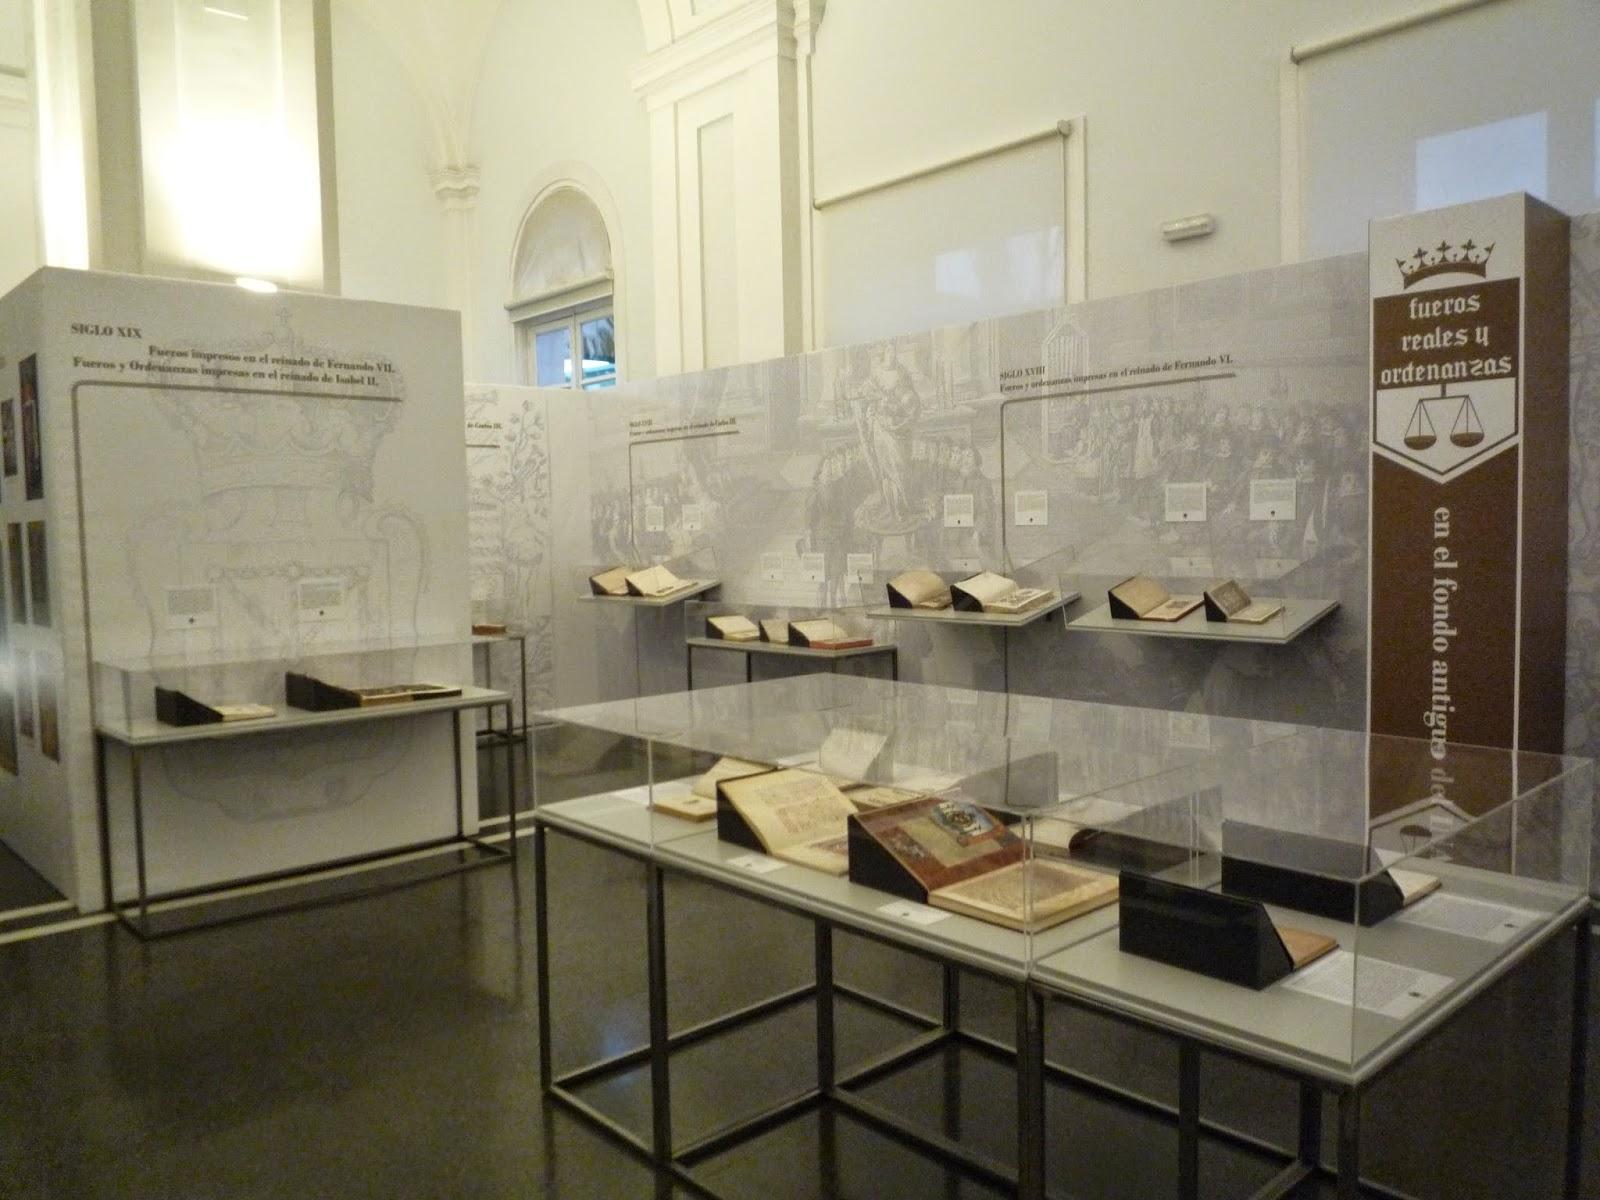 Fueros reales y ordenanzas en el fondo antiguo del INAP: siglos XVI-XIX